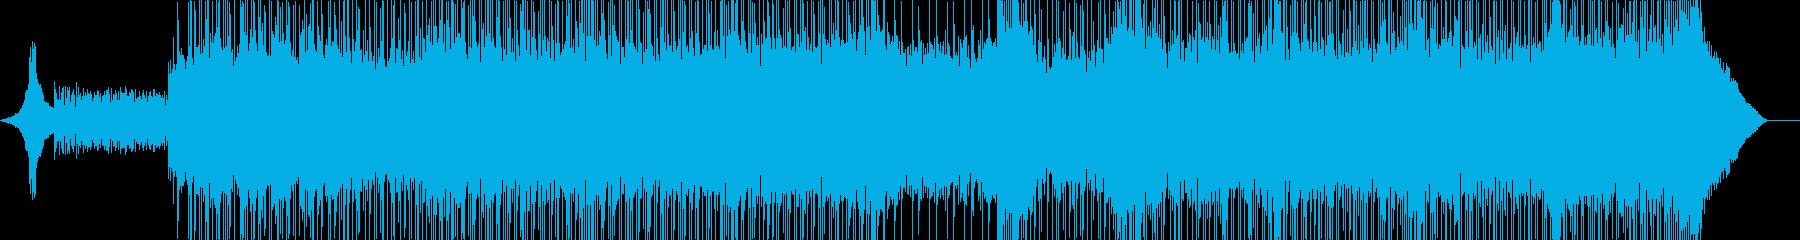 背景をポップします。アンガンスタイル。の再生済みの波形